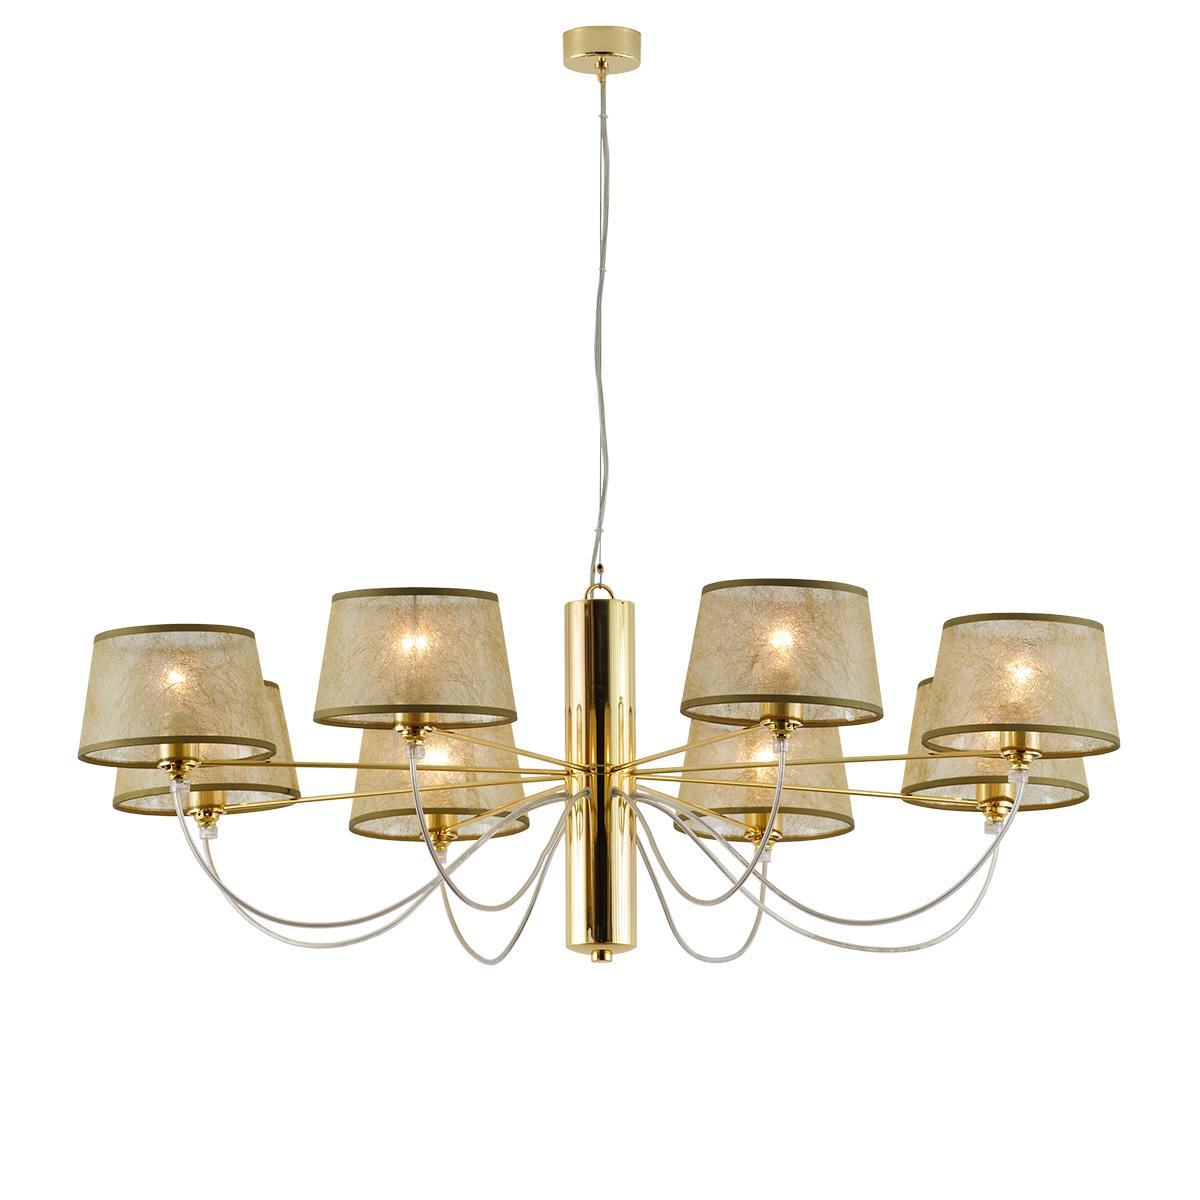 Χρυσό μοντέρνο 8φωτο φωτιστικό ΟΡΓΑΝΤΖΑ modern gold 8-bulb chandelier